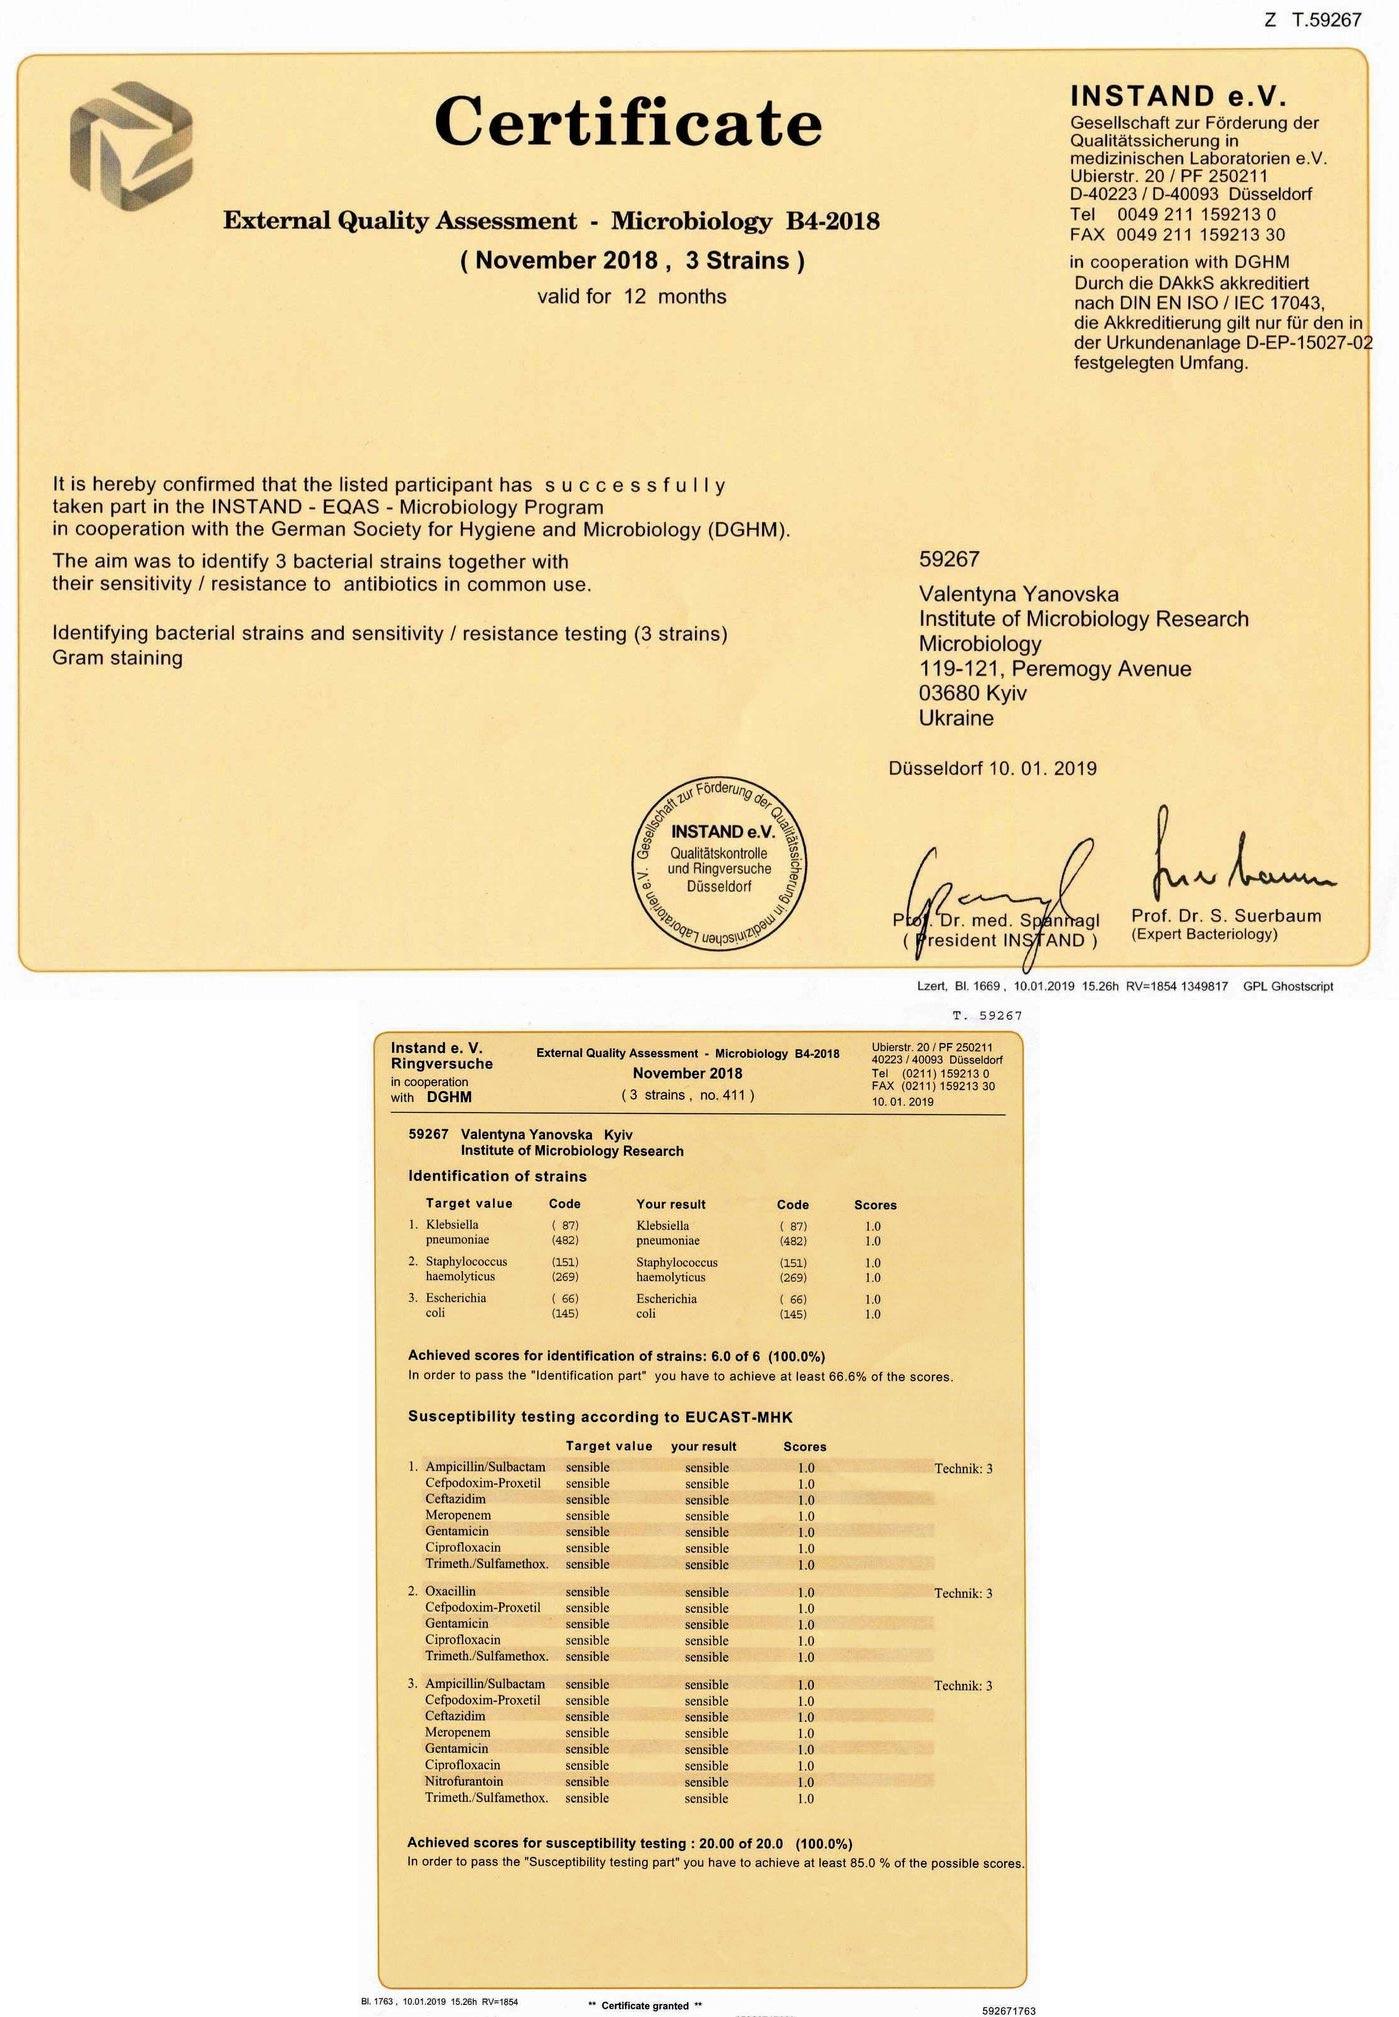 Сертифікат про успішне проходження зовнішньої оцінки якості із бактеріології. INSTAND, Німеччина